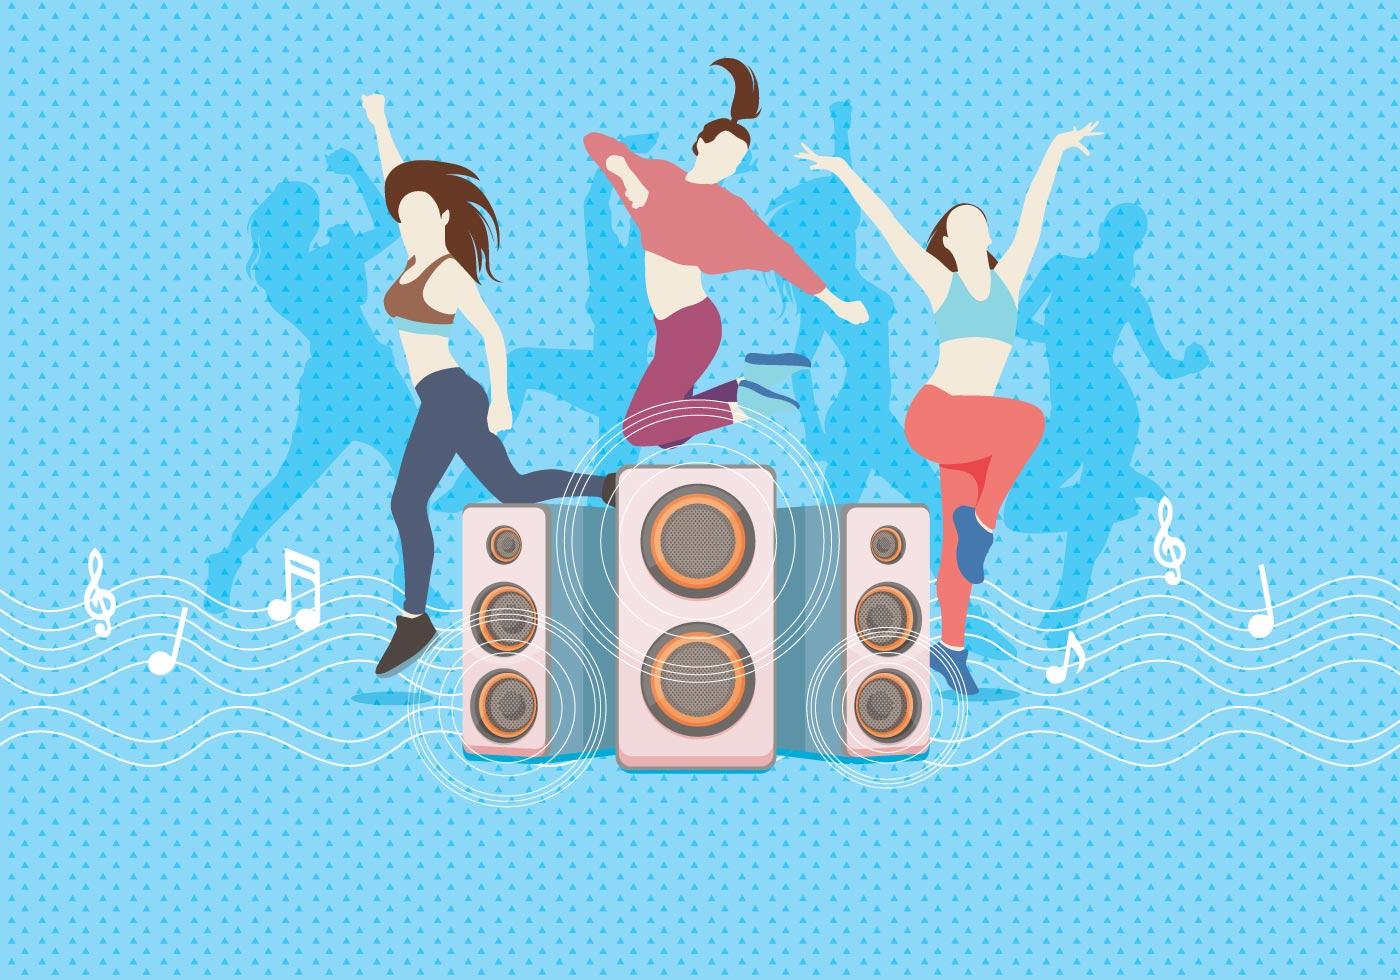 Zumba Dancing With Speaker Vector Download Free Vector